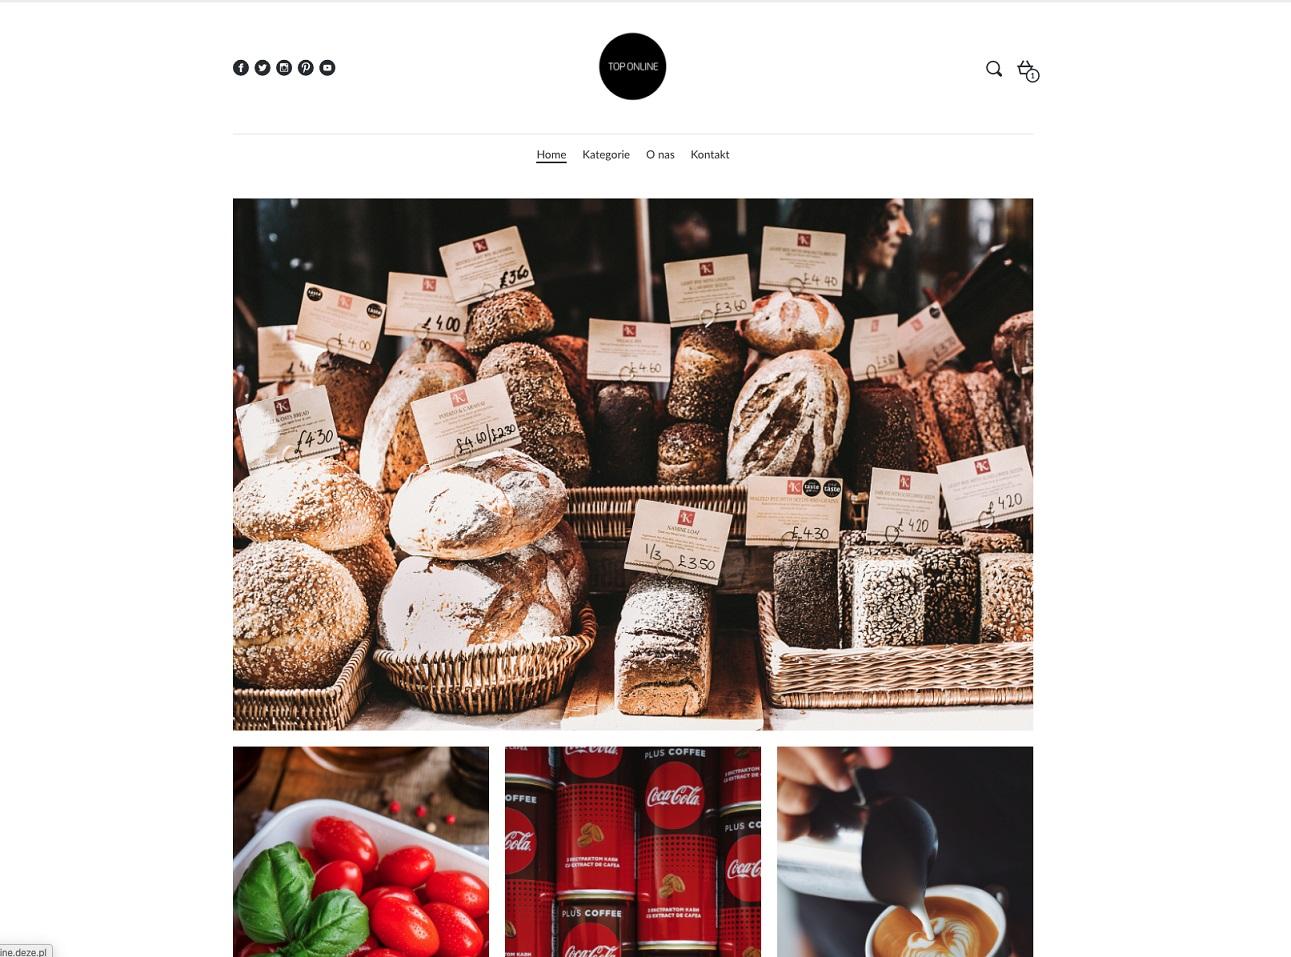 Załóż internetowy sklep spożywczy lub internetową aptekę w 1 dzień. Instrukcja krok pokroku. - SEO blog